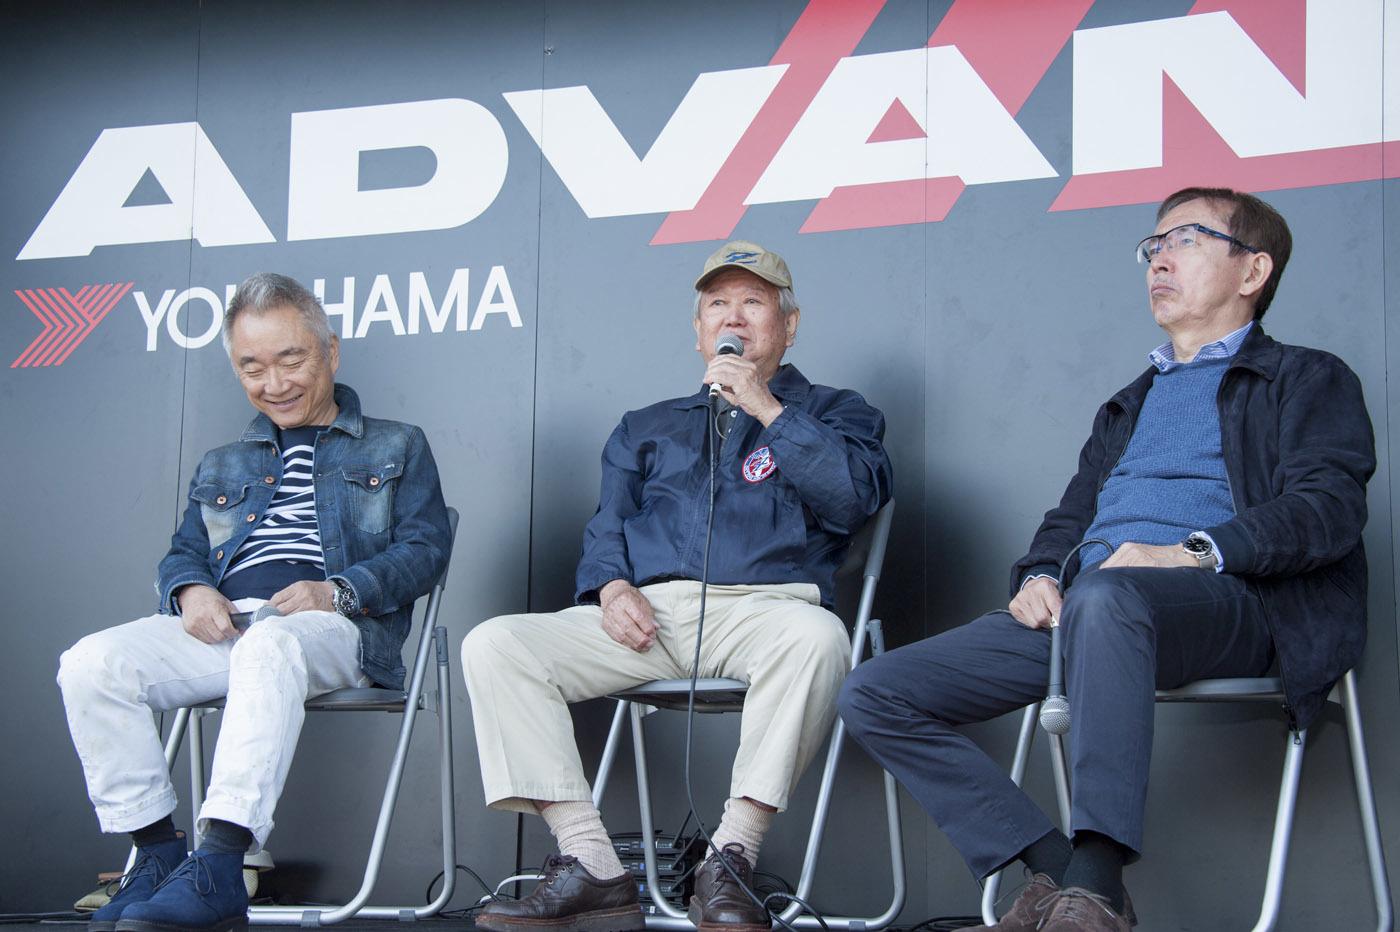 (写真右)中村史郎 /元日産自動車専務 、デザイン本部長、(中) 松尾良彦/S30フェアレディZチーフデザイナー、(左) 山下敏男/Z32デザイナー、首都大学東京システムデザイン学部教授